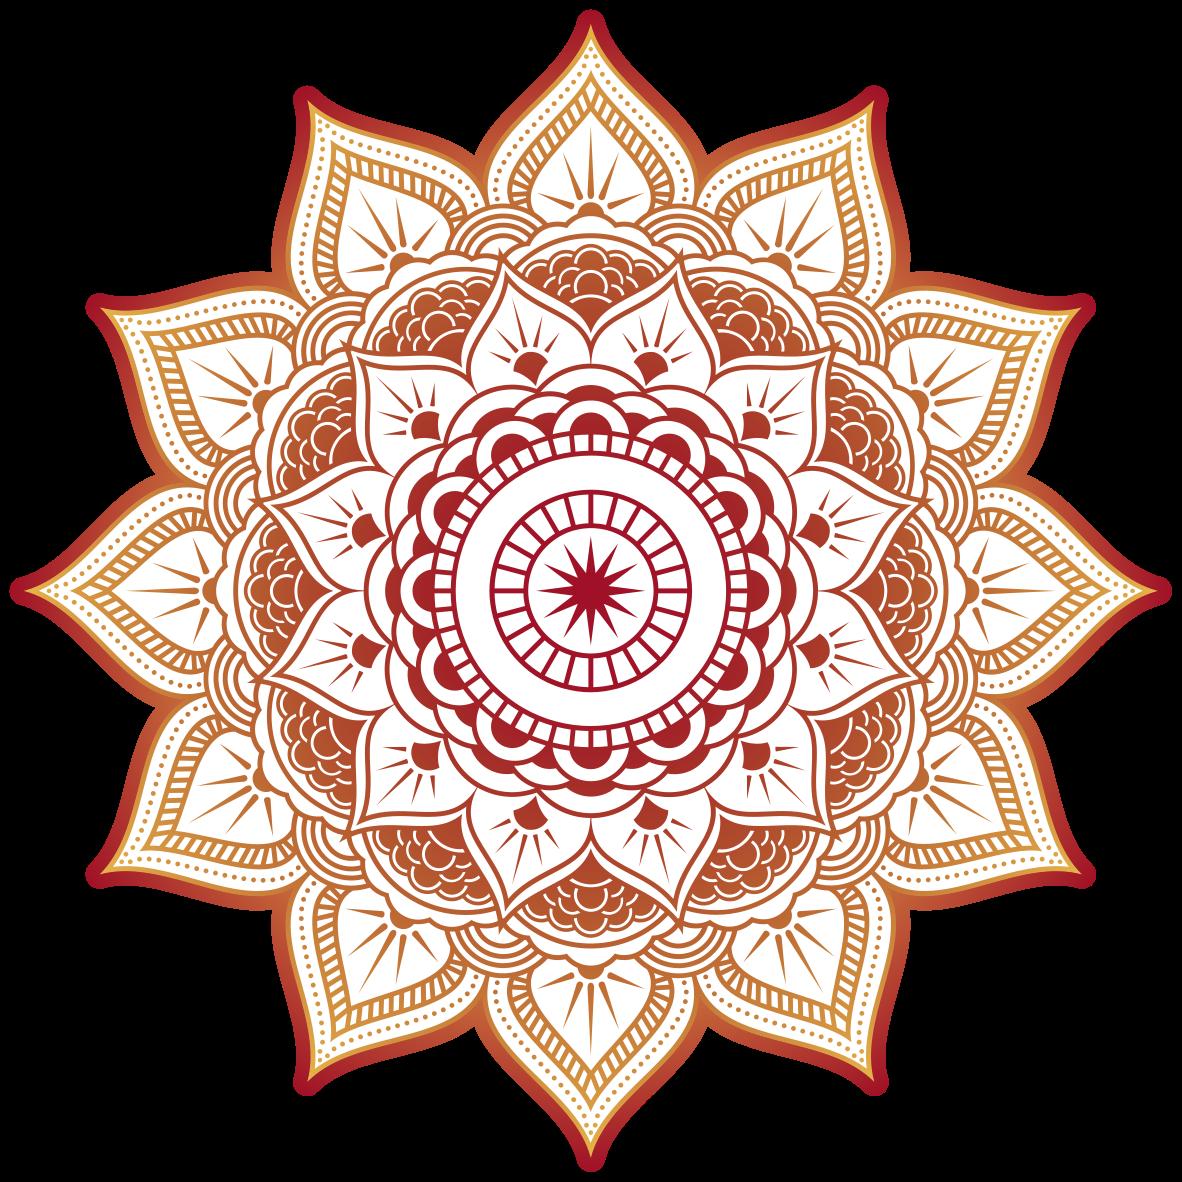 TenStickers. Vinil com padrões florais Forma de sol de mandala. Autocolante de parede floral de forma de sol de mandala para a decoração de casa e escritório. é autoadesivo e fácil de aplicar. Disponível em qualquer tamanho necessário.